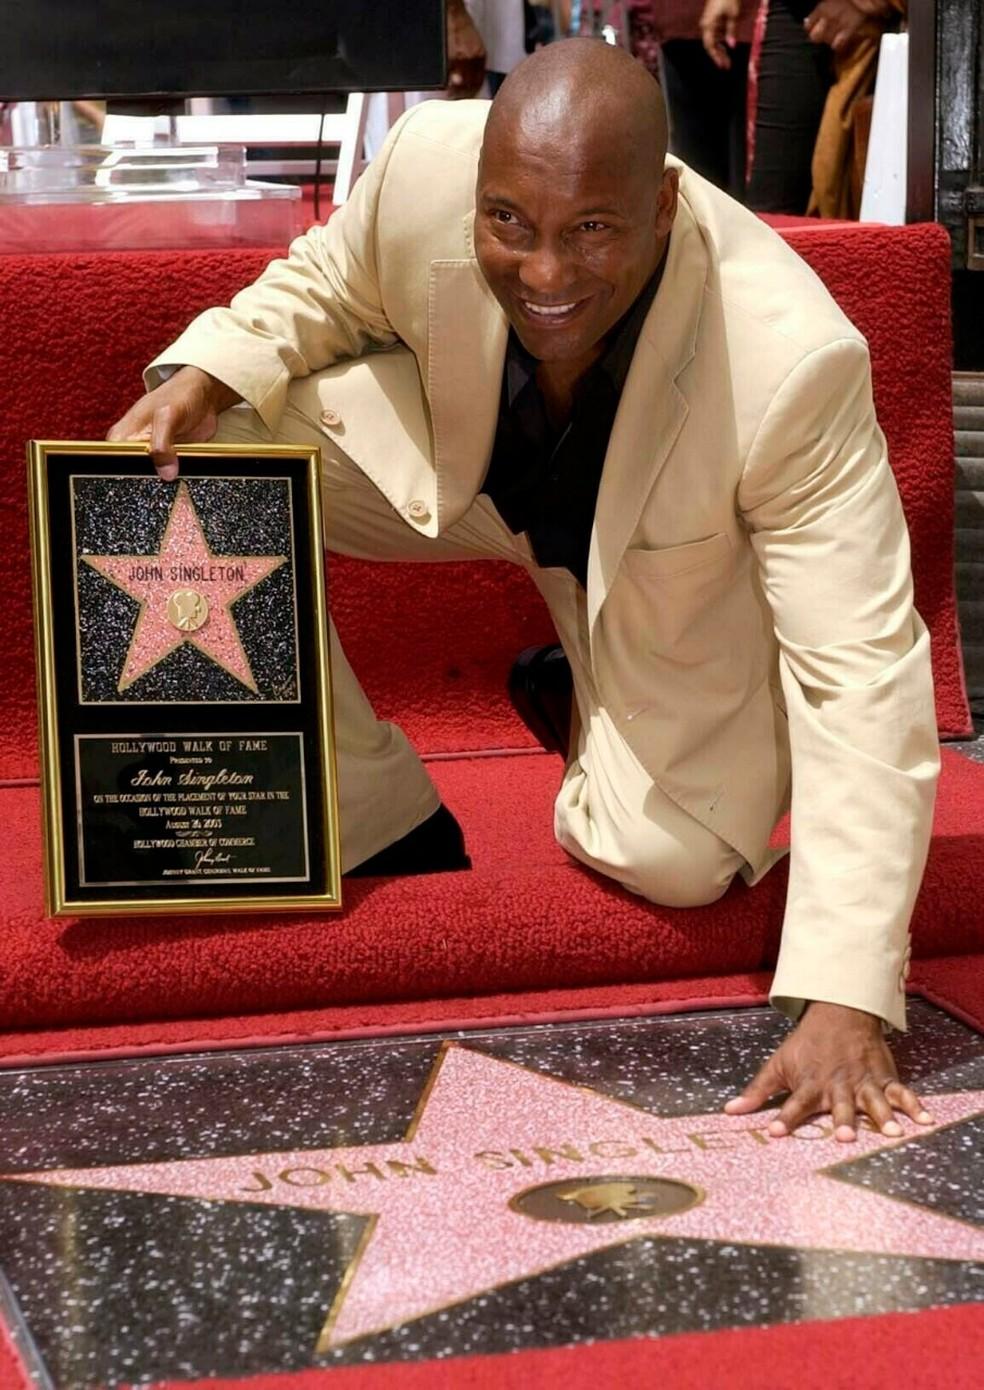 Diretor John Singleton recebeu sua estrela na calçada da fama de Hollywood em 2003 — Foto: Nick Ut/AP